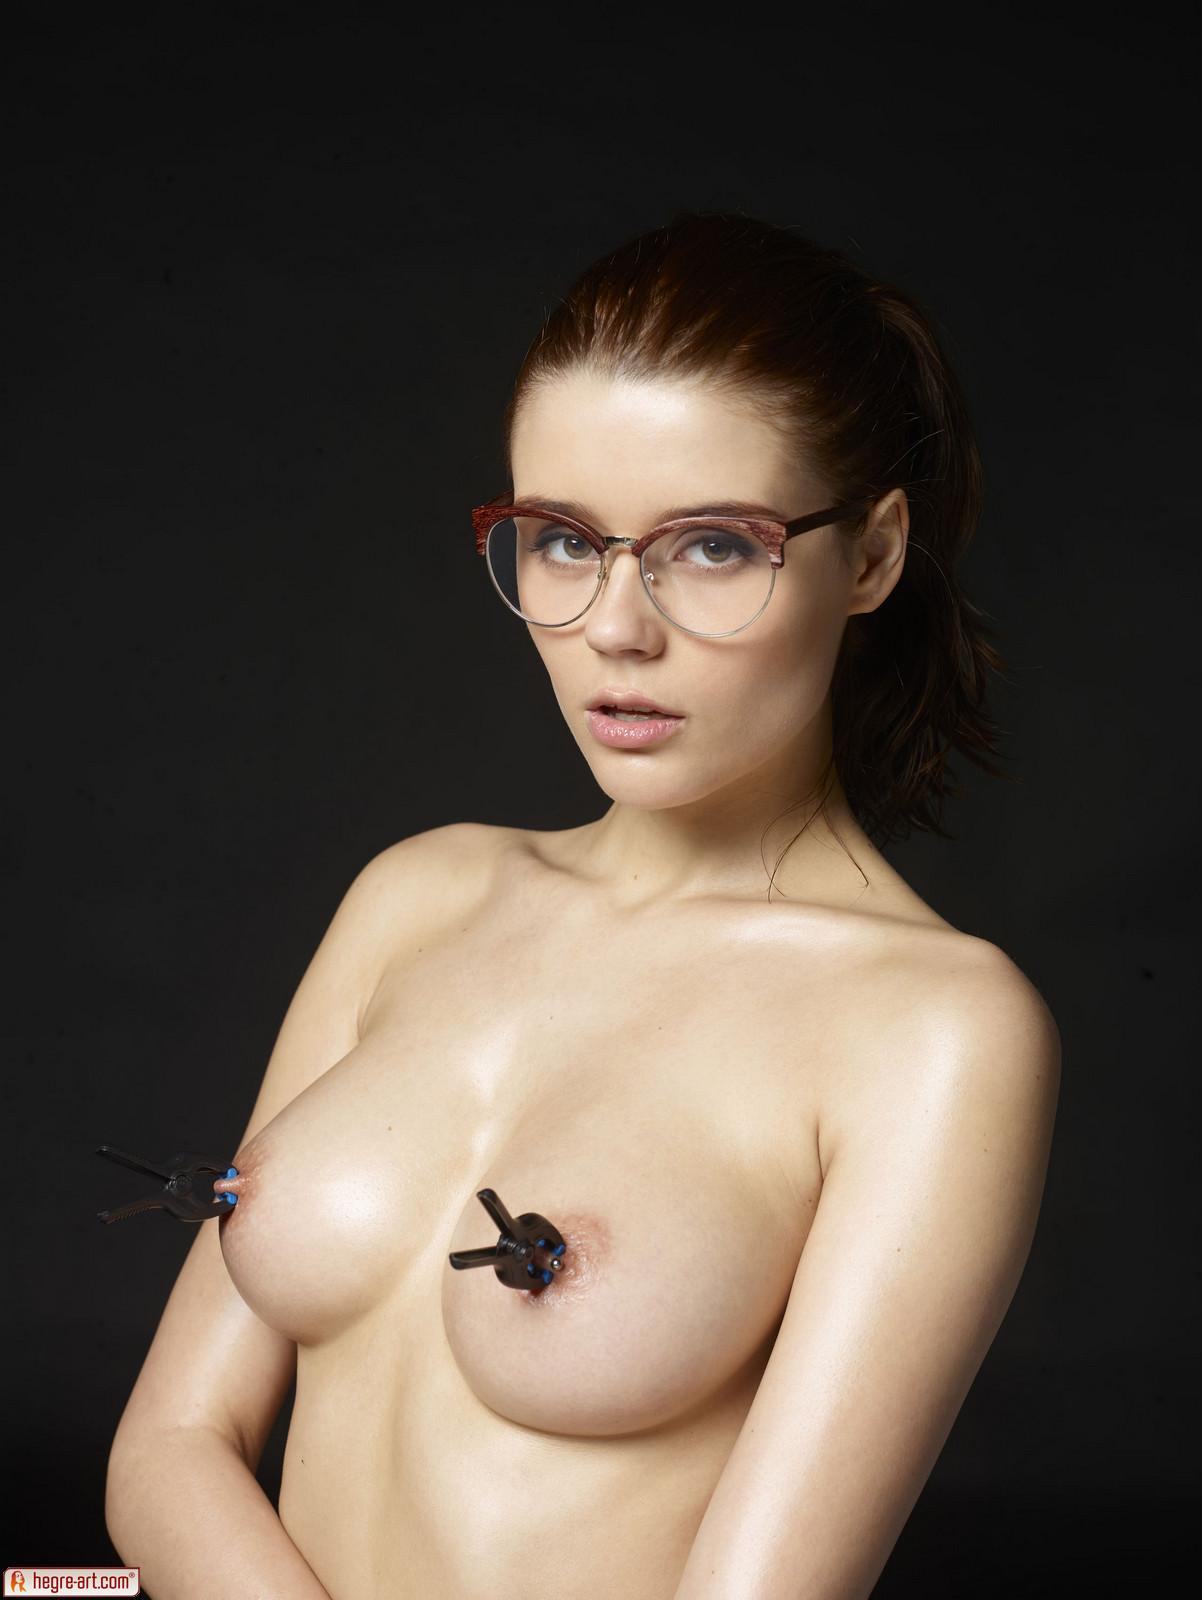 Zdjęcie porno - 1312 - Boskie ciało rudej pani